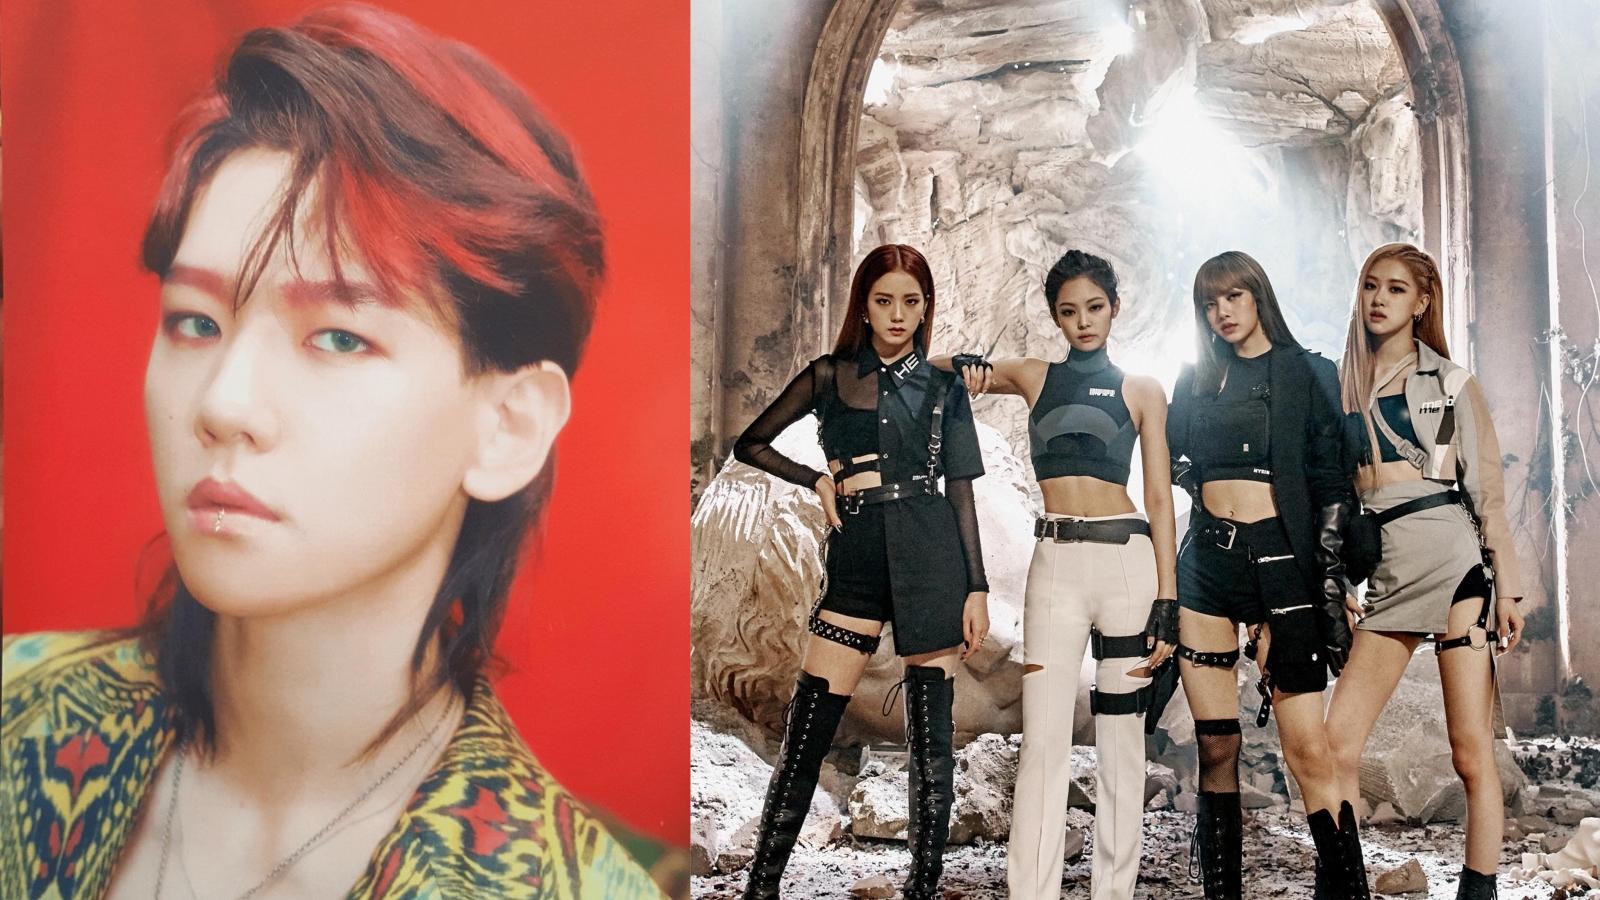 Những xu hướng thời trang nhanh chóng gây sốt sau khi được thần tượng K-pop lăng xê